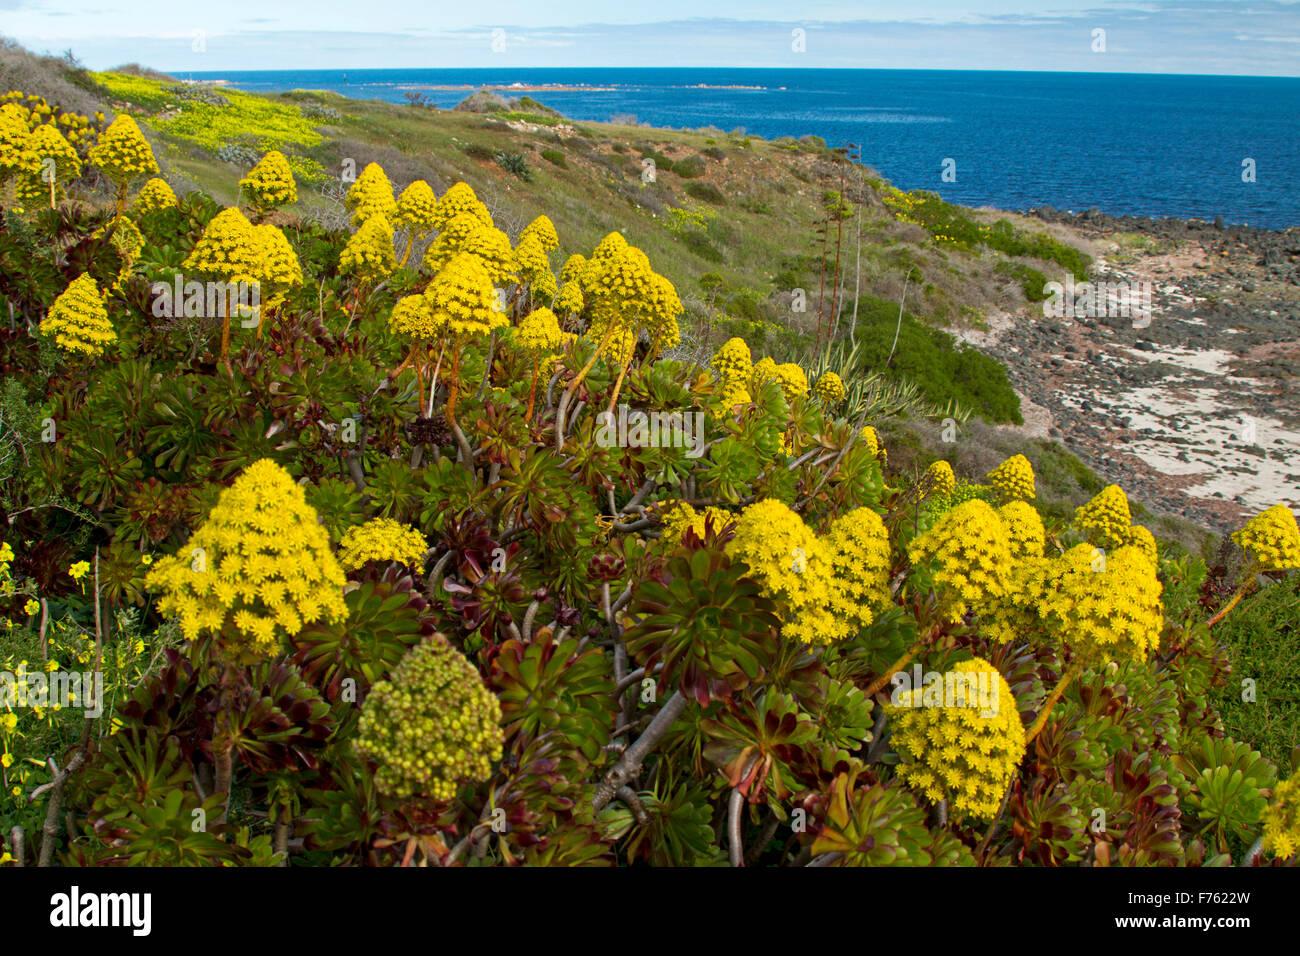 Succulentes aeonium arboreum houseleek une masse de fleurs jaunes une mauvaise herbe - Mauvaise herbe fleur jaune ...